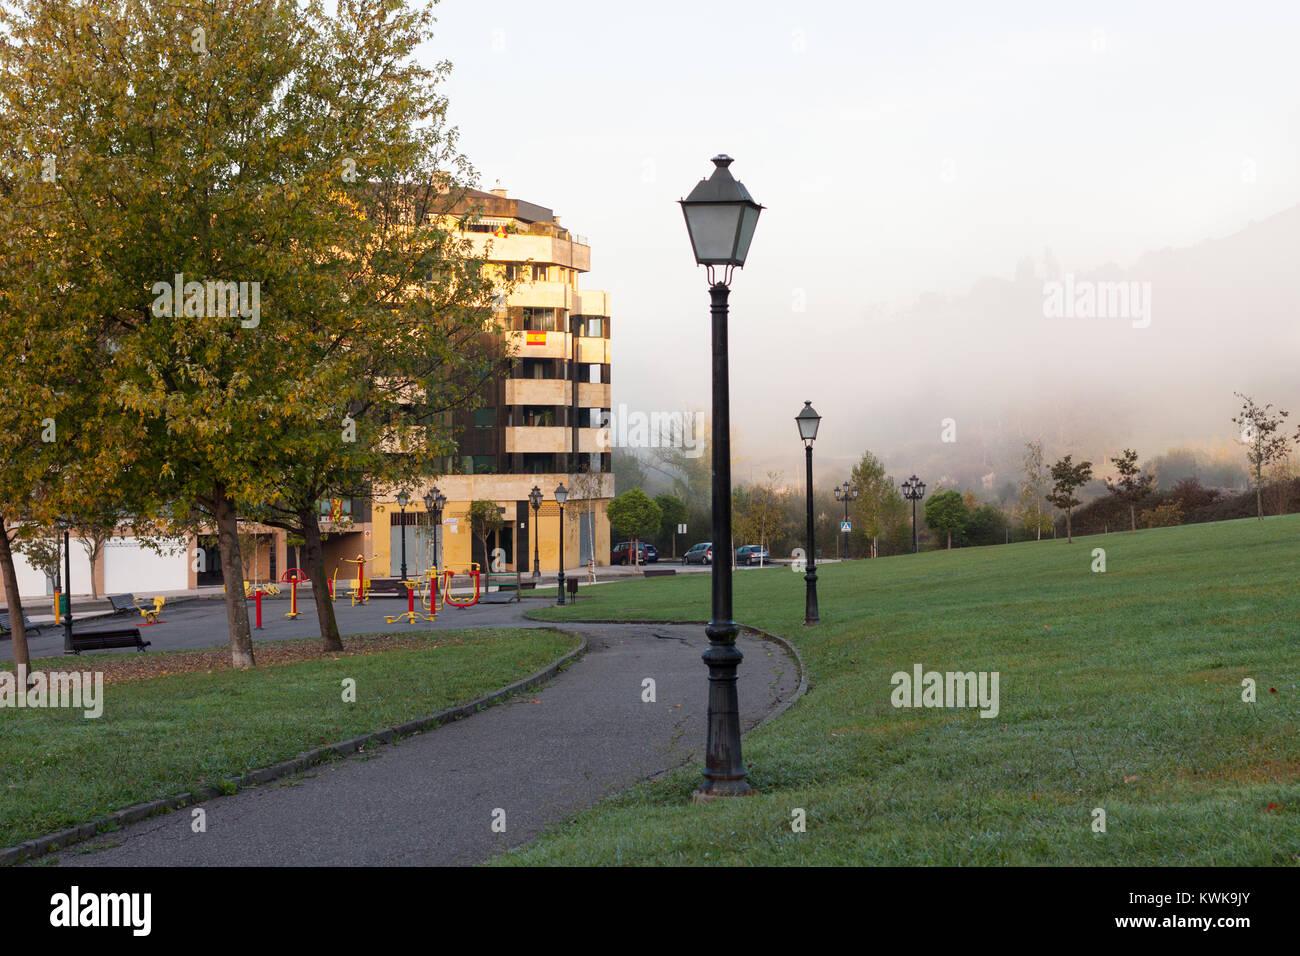 Park of the Way of Saint James (Parque del Camino de Santiago) in Oviedo, Asturias, Spain - Stock Image